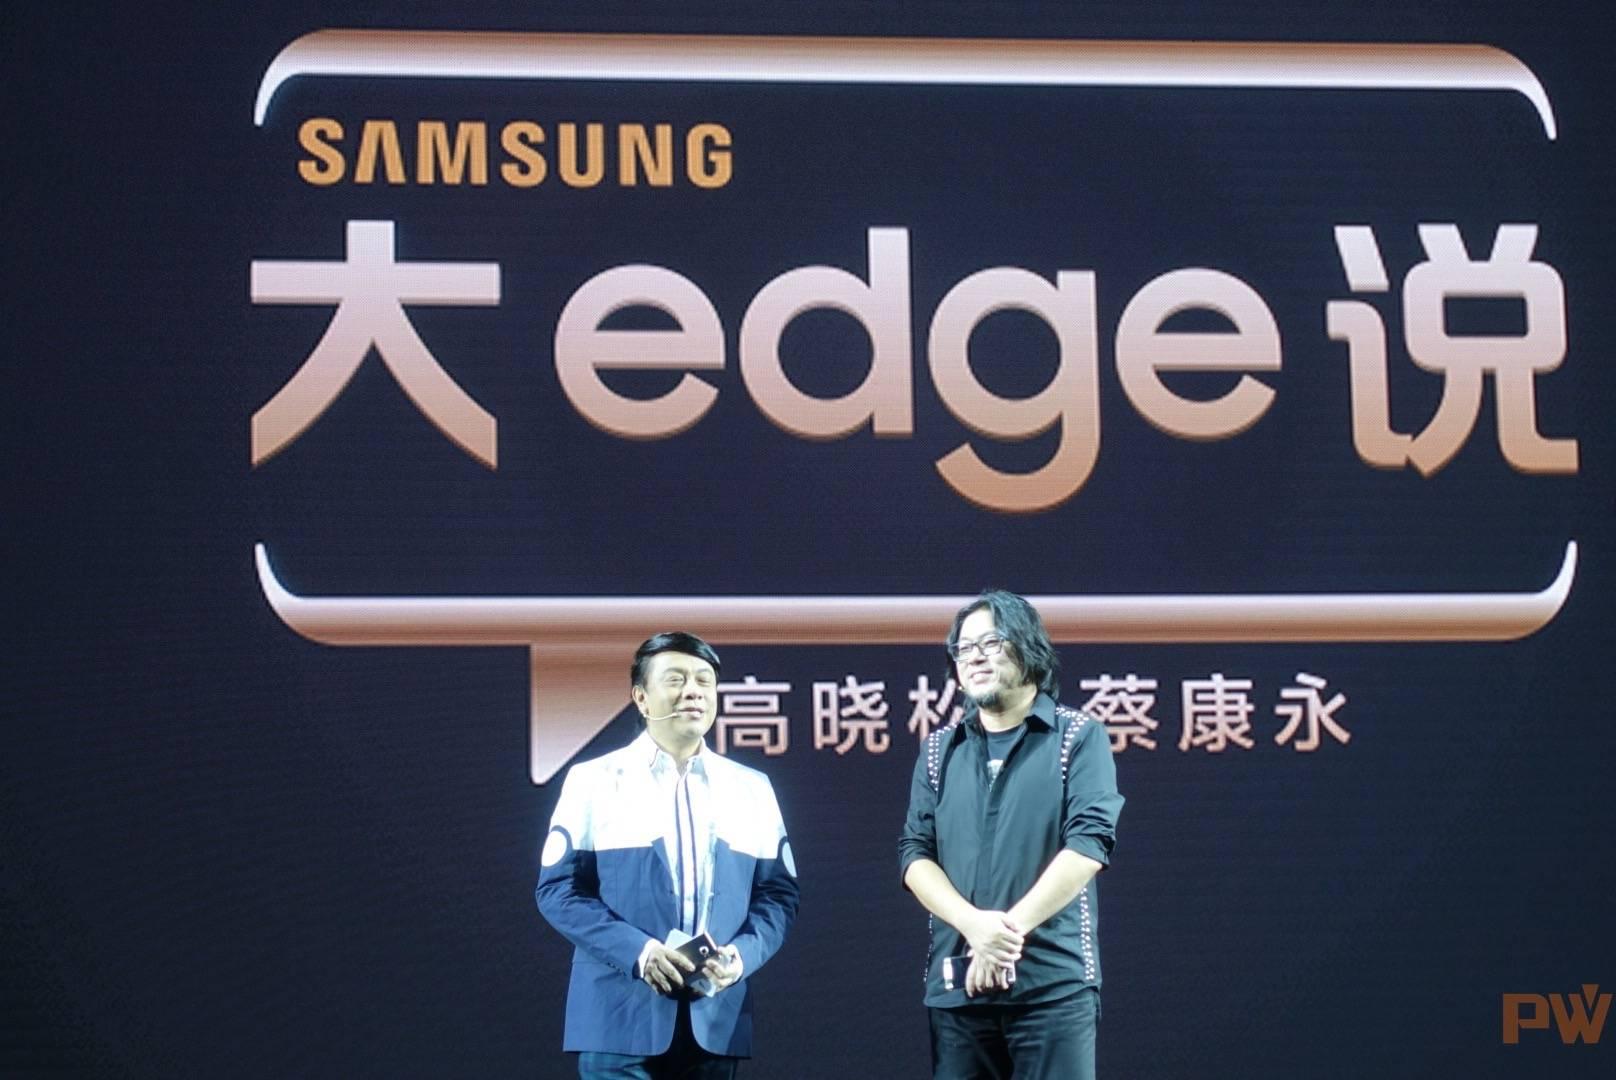 现场,原《奇葩说》的两位核心人物高晓松和蔡康永被请来推销新品手机